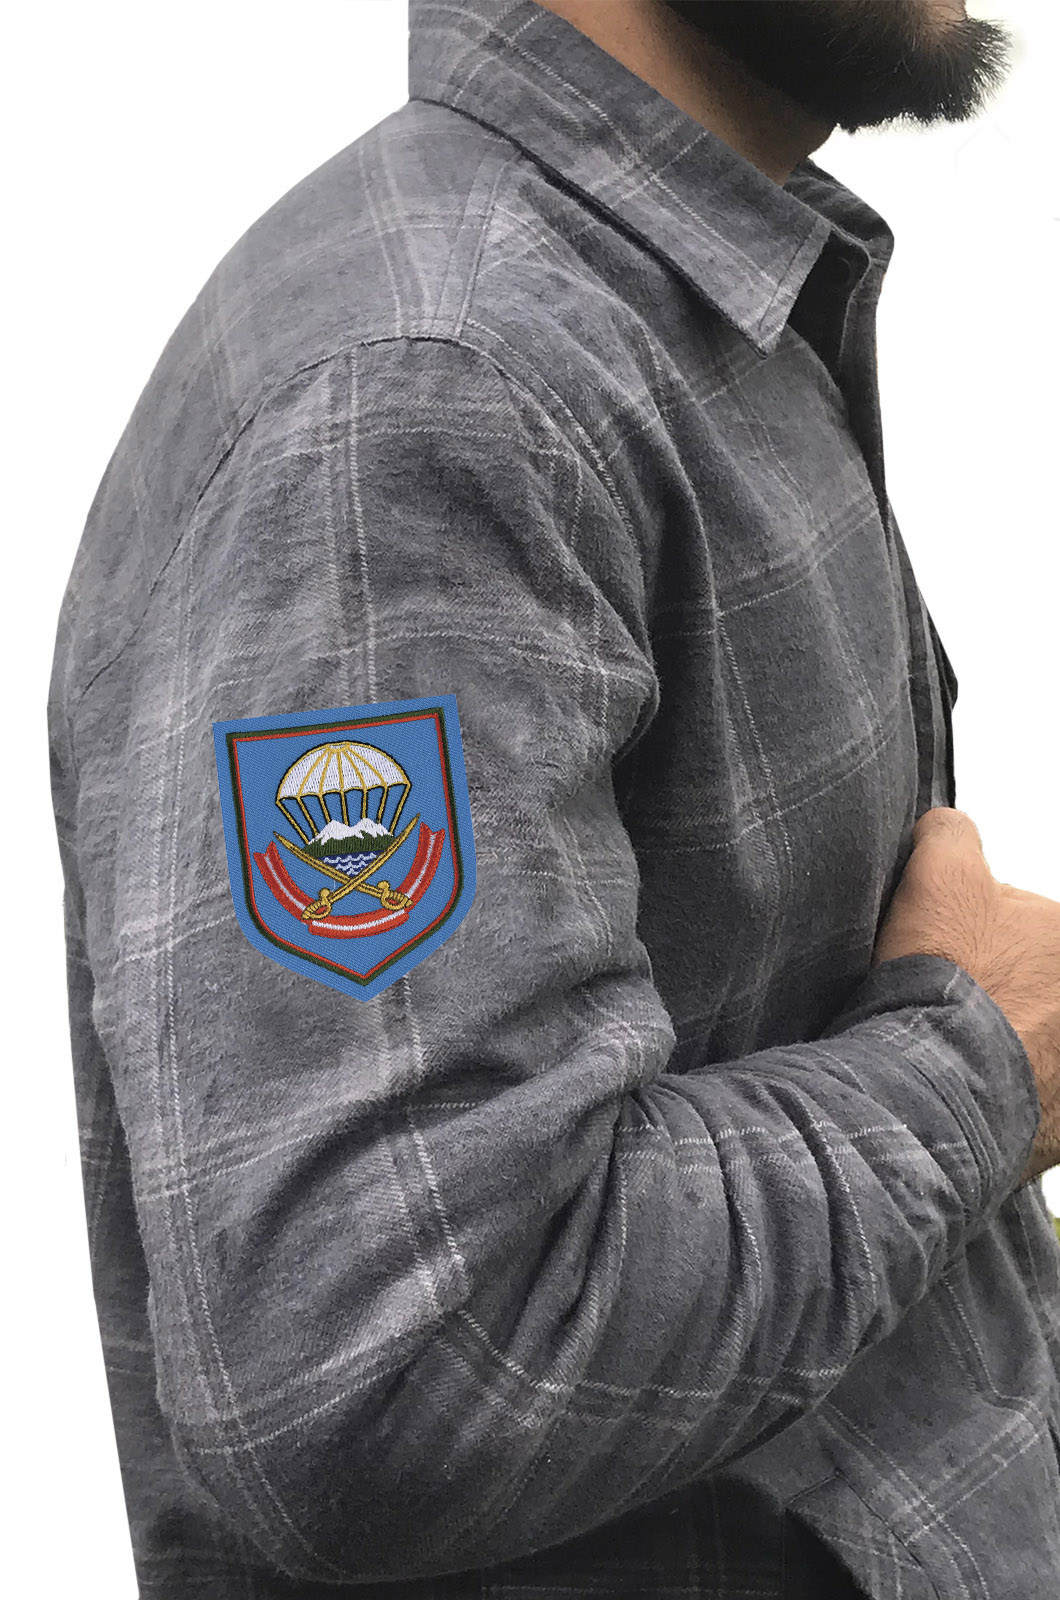 Стильная теплая рубашка с вышитым шевроном ВДВ 108 ДШП - купить выгодно